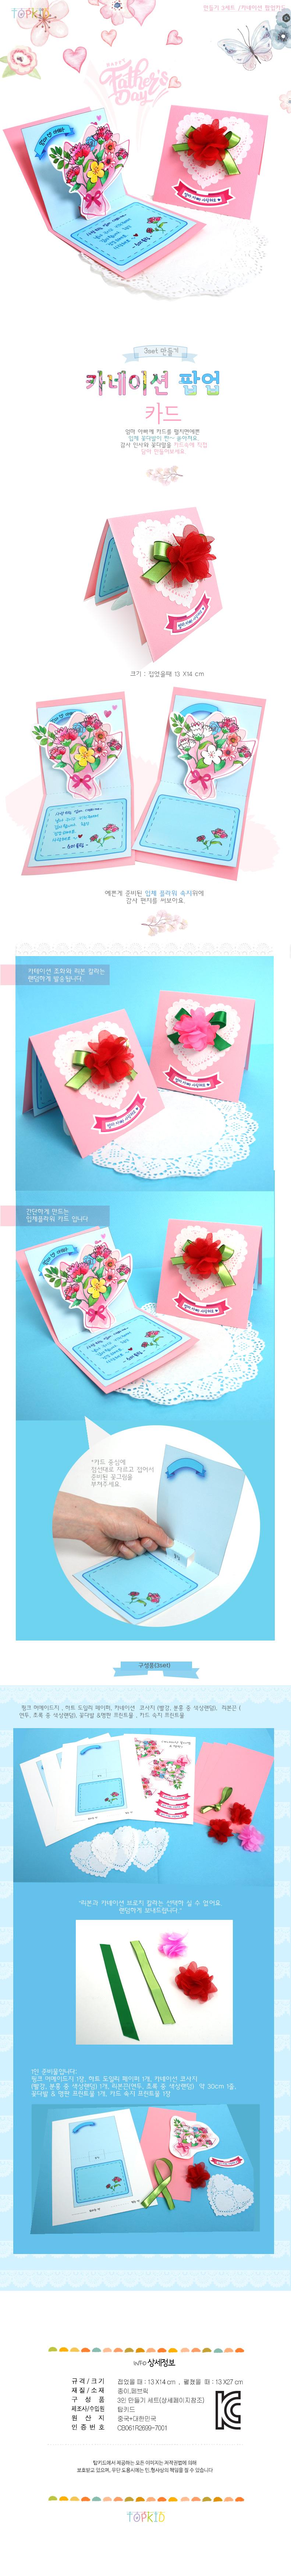 만들기 카네이션 팝업 카드(3set) - 하비파티, 4,000원, 종이공예/북아트, 카드 패키지